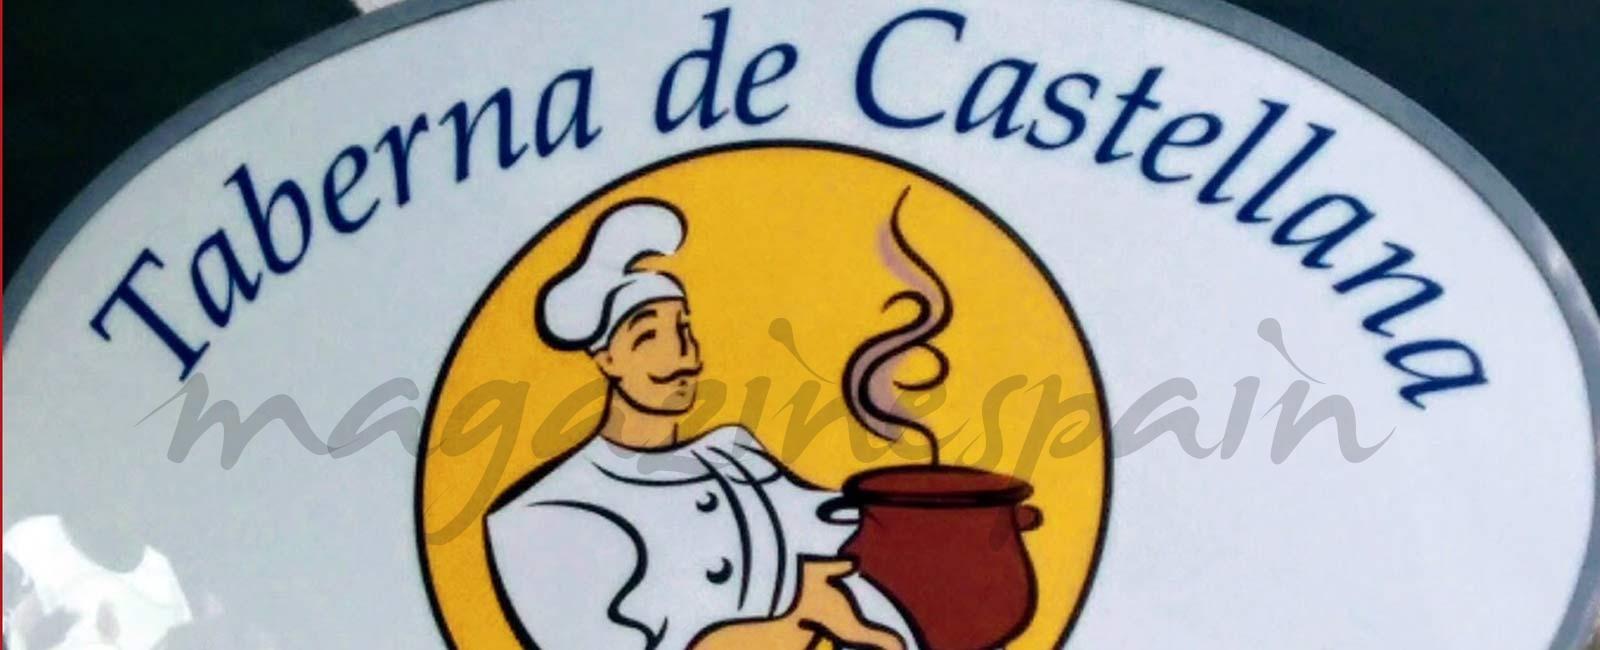 Taberna de Castellana, sabores tradicionales en el centro de Madrid